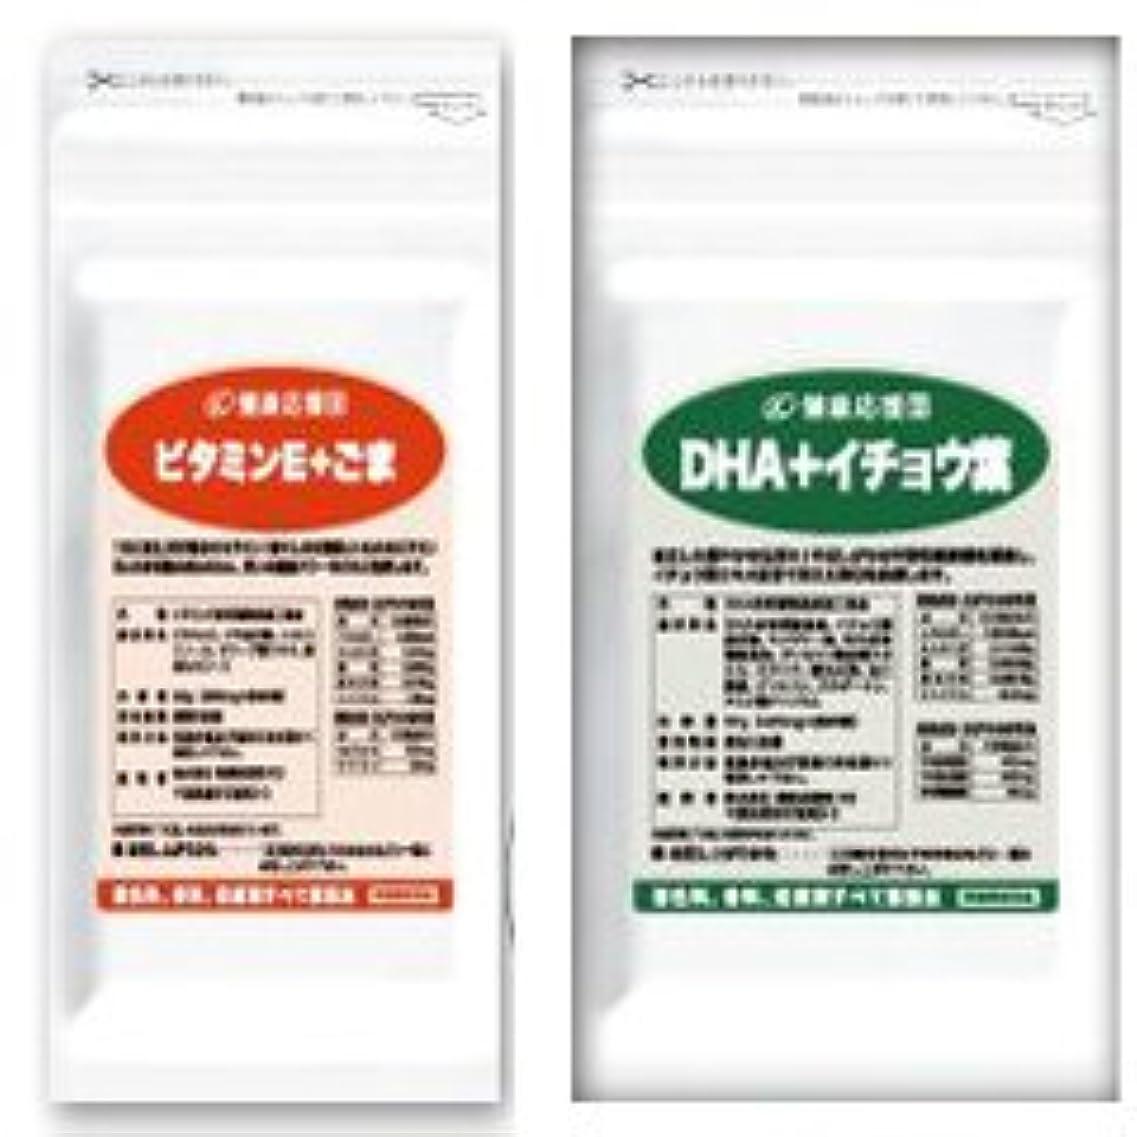 認知シルエットメロドラマティック(お徳用6か月分)毎日元気セット (ビタミンE+ごま) + (DHA+イチョウ葉エキス)6袋&6袋セット (DHA?EPA?ビタミンE?セサミン)